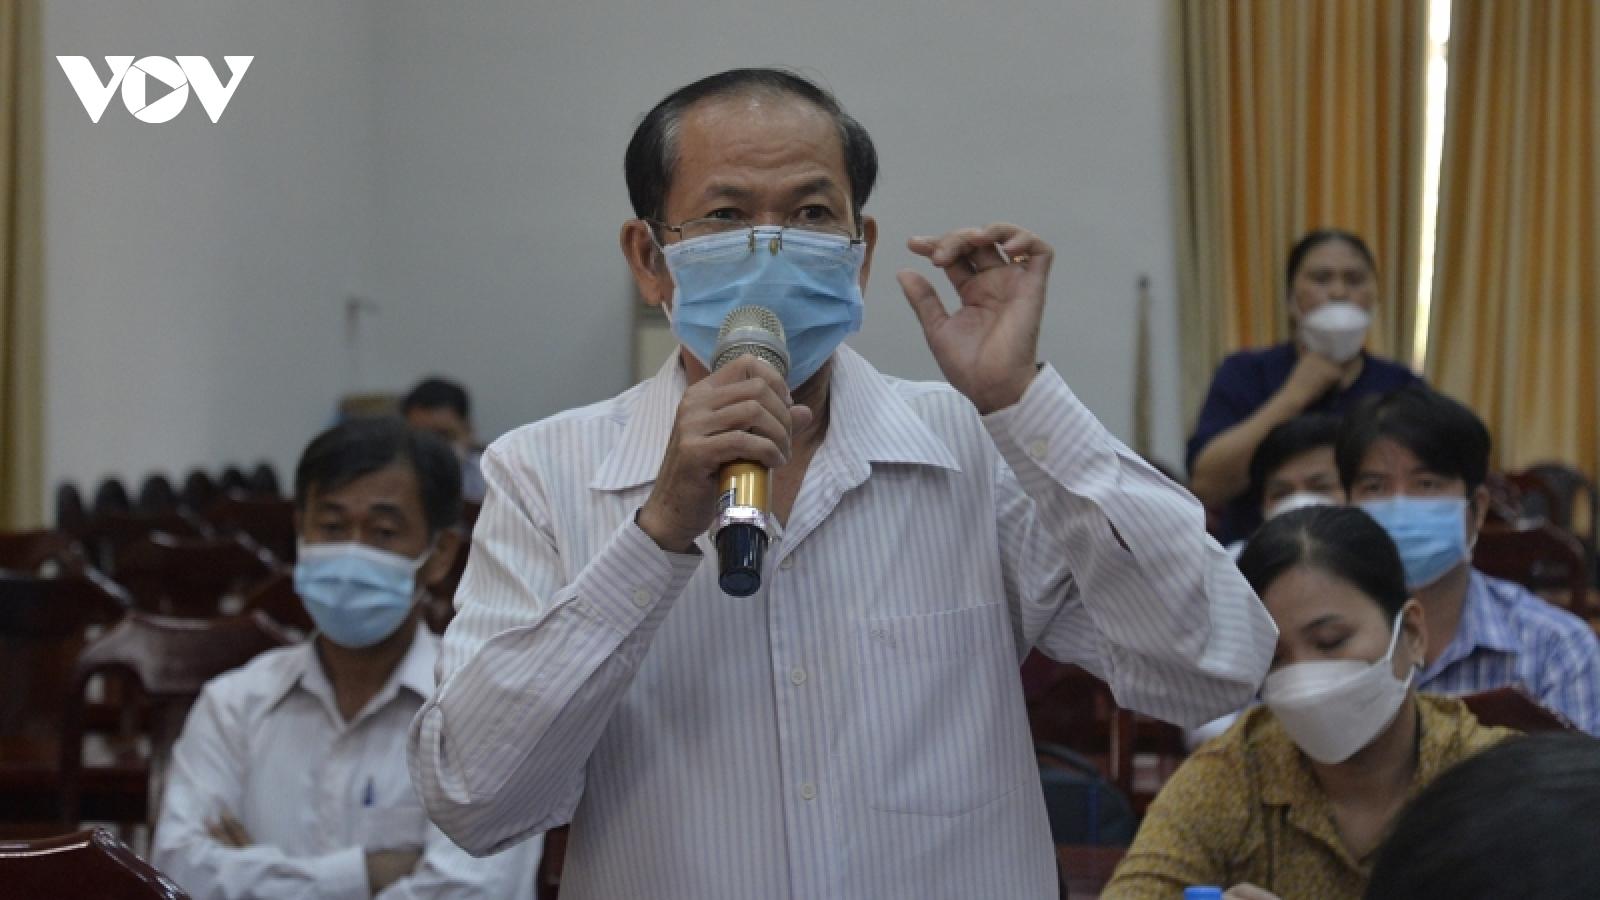 Cử tri Tây Ninh: Công tác chống dịch ở địa phương còn lúng túng